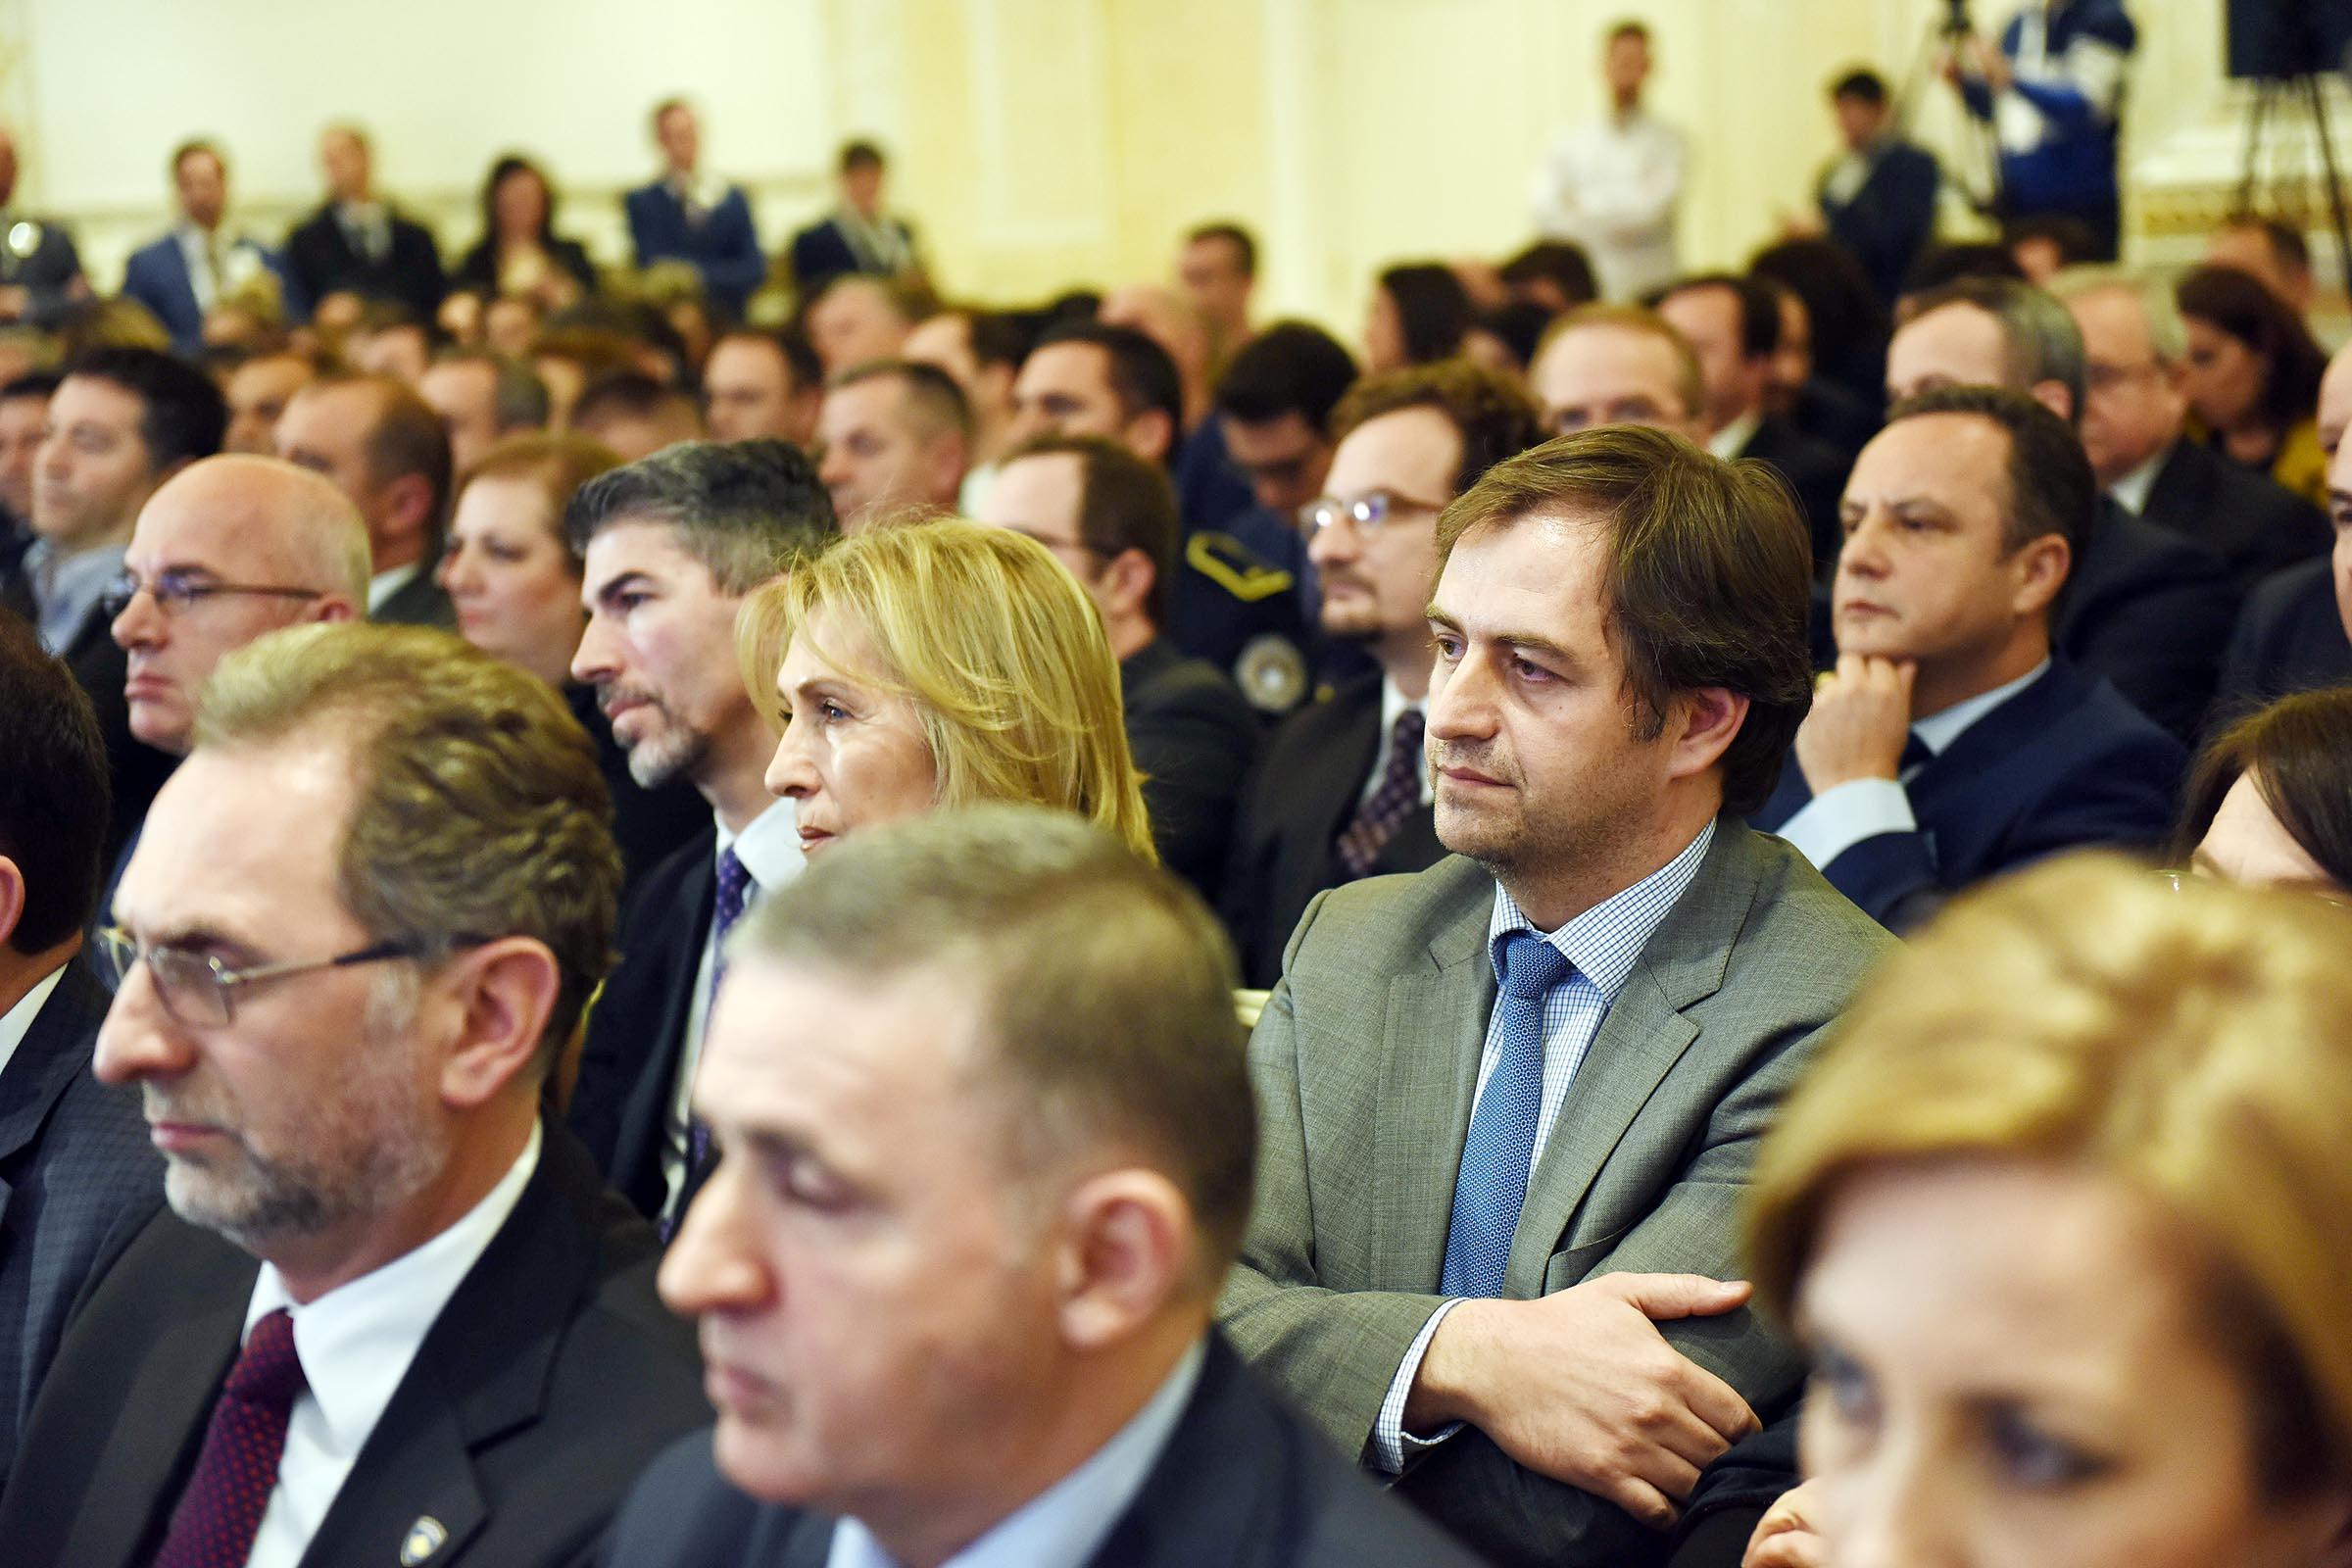 Presidenti Thaçi: SHBA-të, BE-ja dhe NATO, thelbi i politikës së jashtme të Kosovës